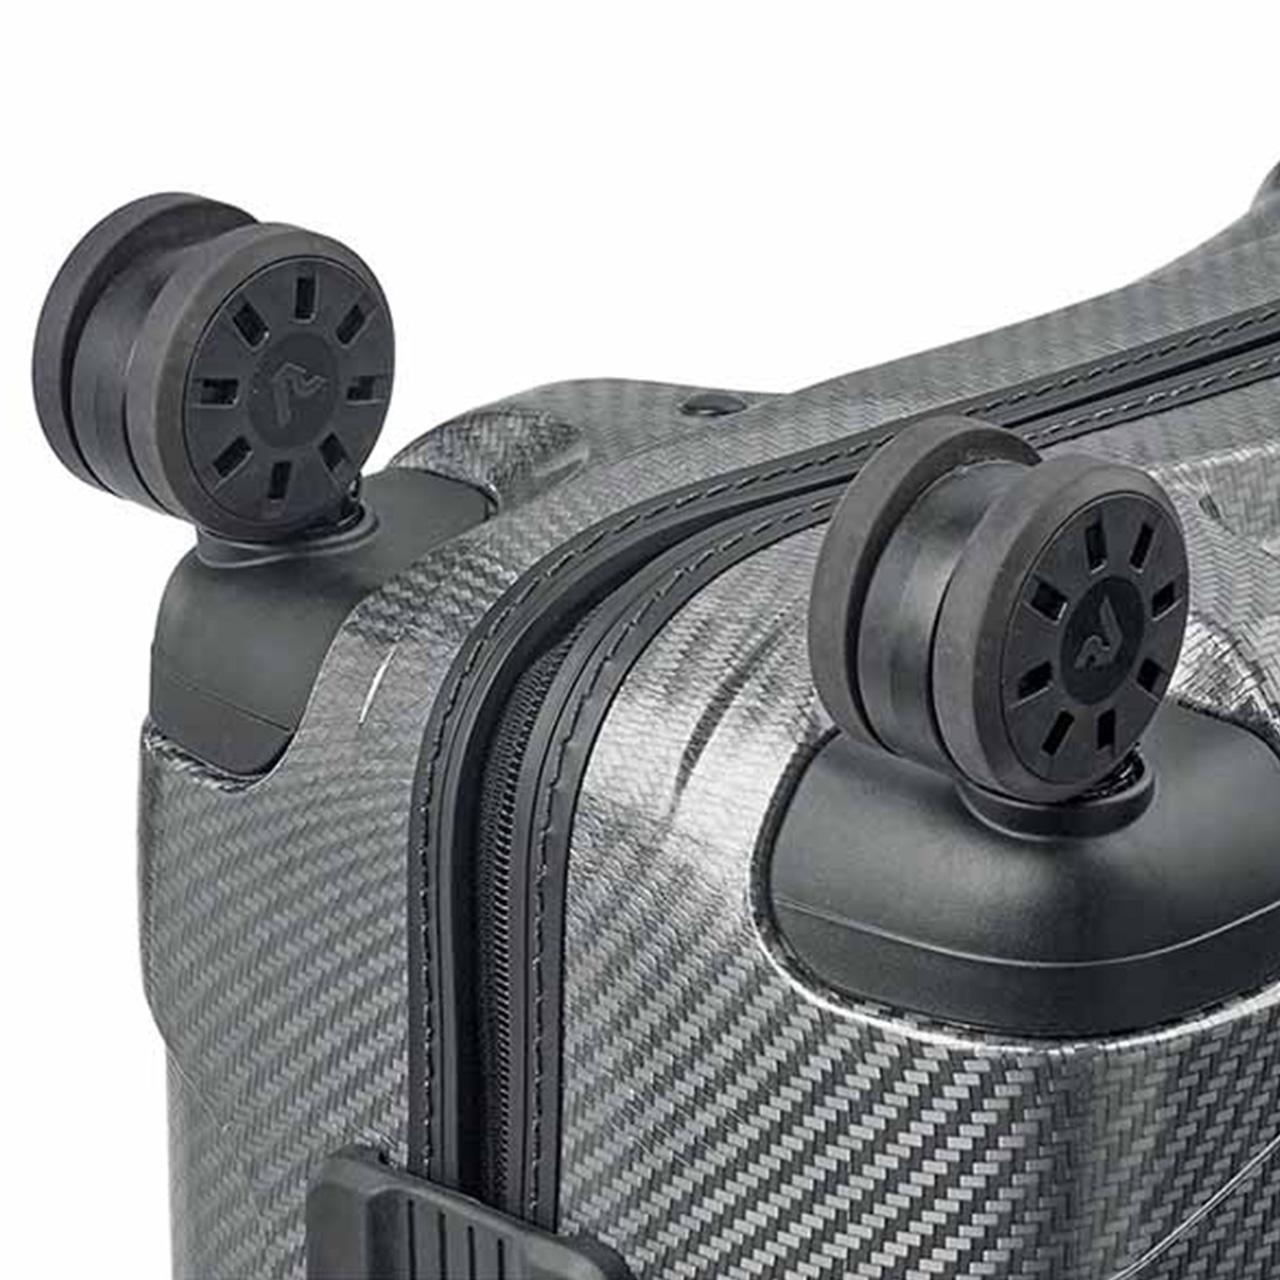 مجموعه سه عددی چمدان رونکاتو مدل 5950 thumb 11